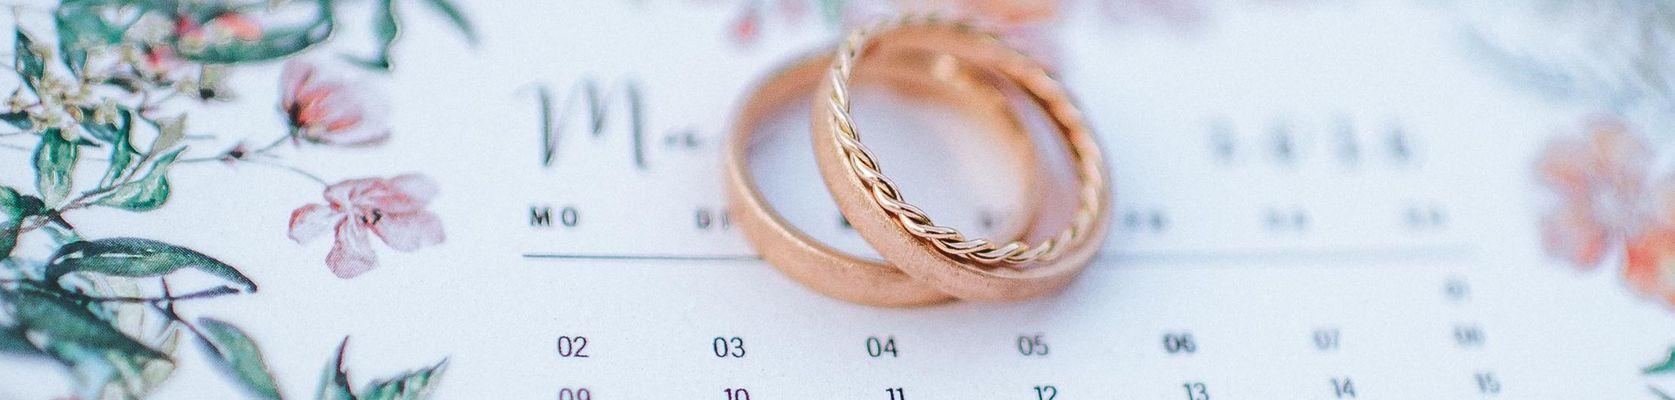 Hochzeitstrend, Hochzeitstrends, Hochzeitstrends 2018, Trends für die Hochzeit